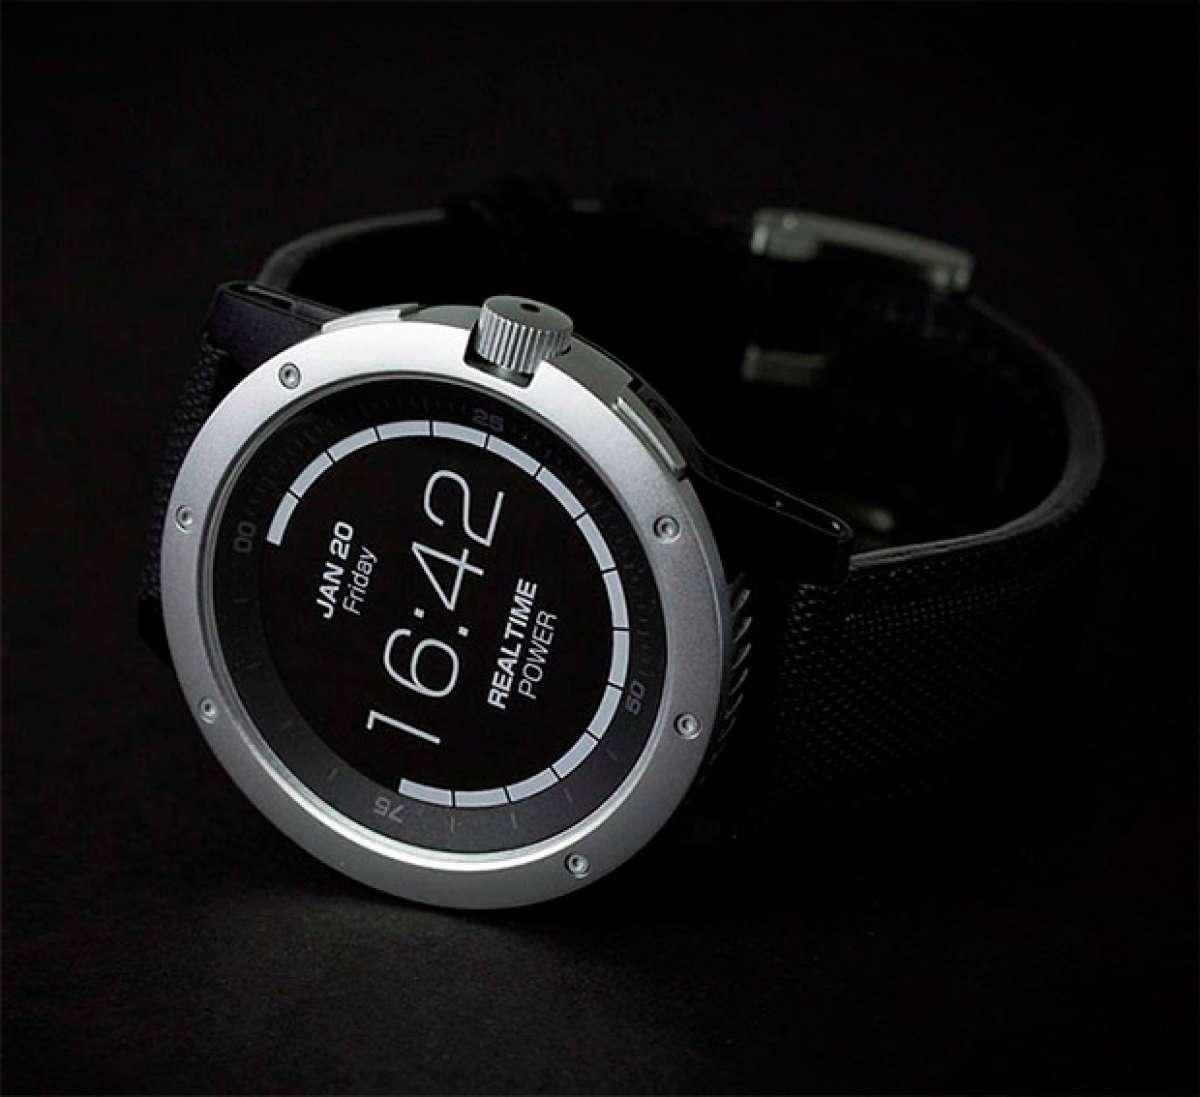 En TodoMountainBike: Matrix PowerWatch, el reloj inteligente que se carga con el calor corporal